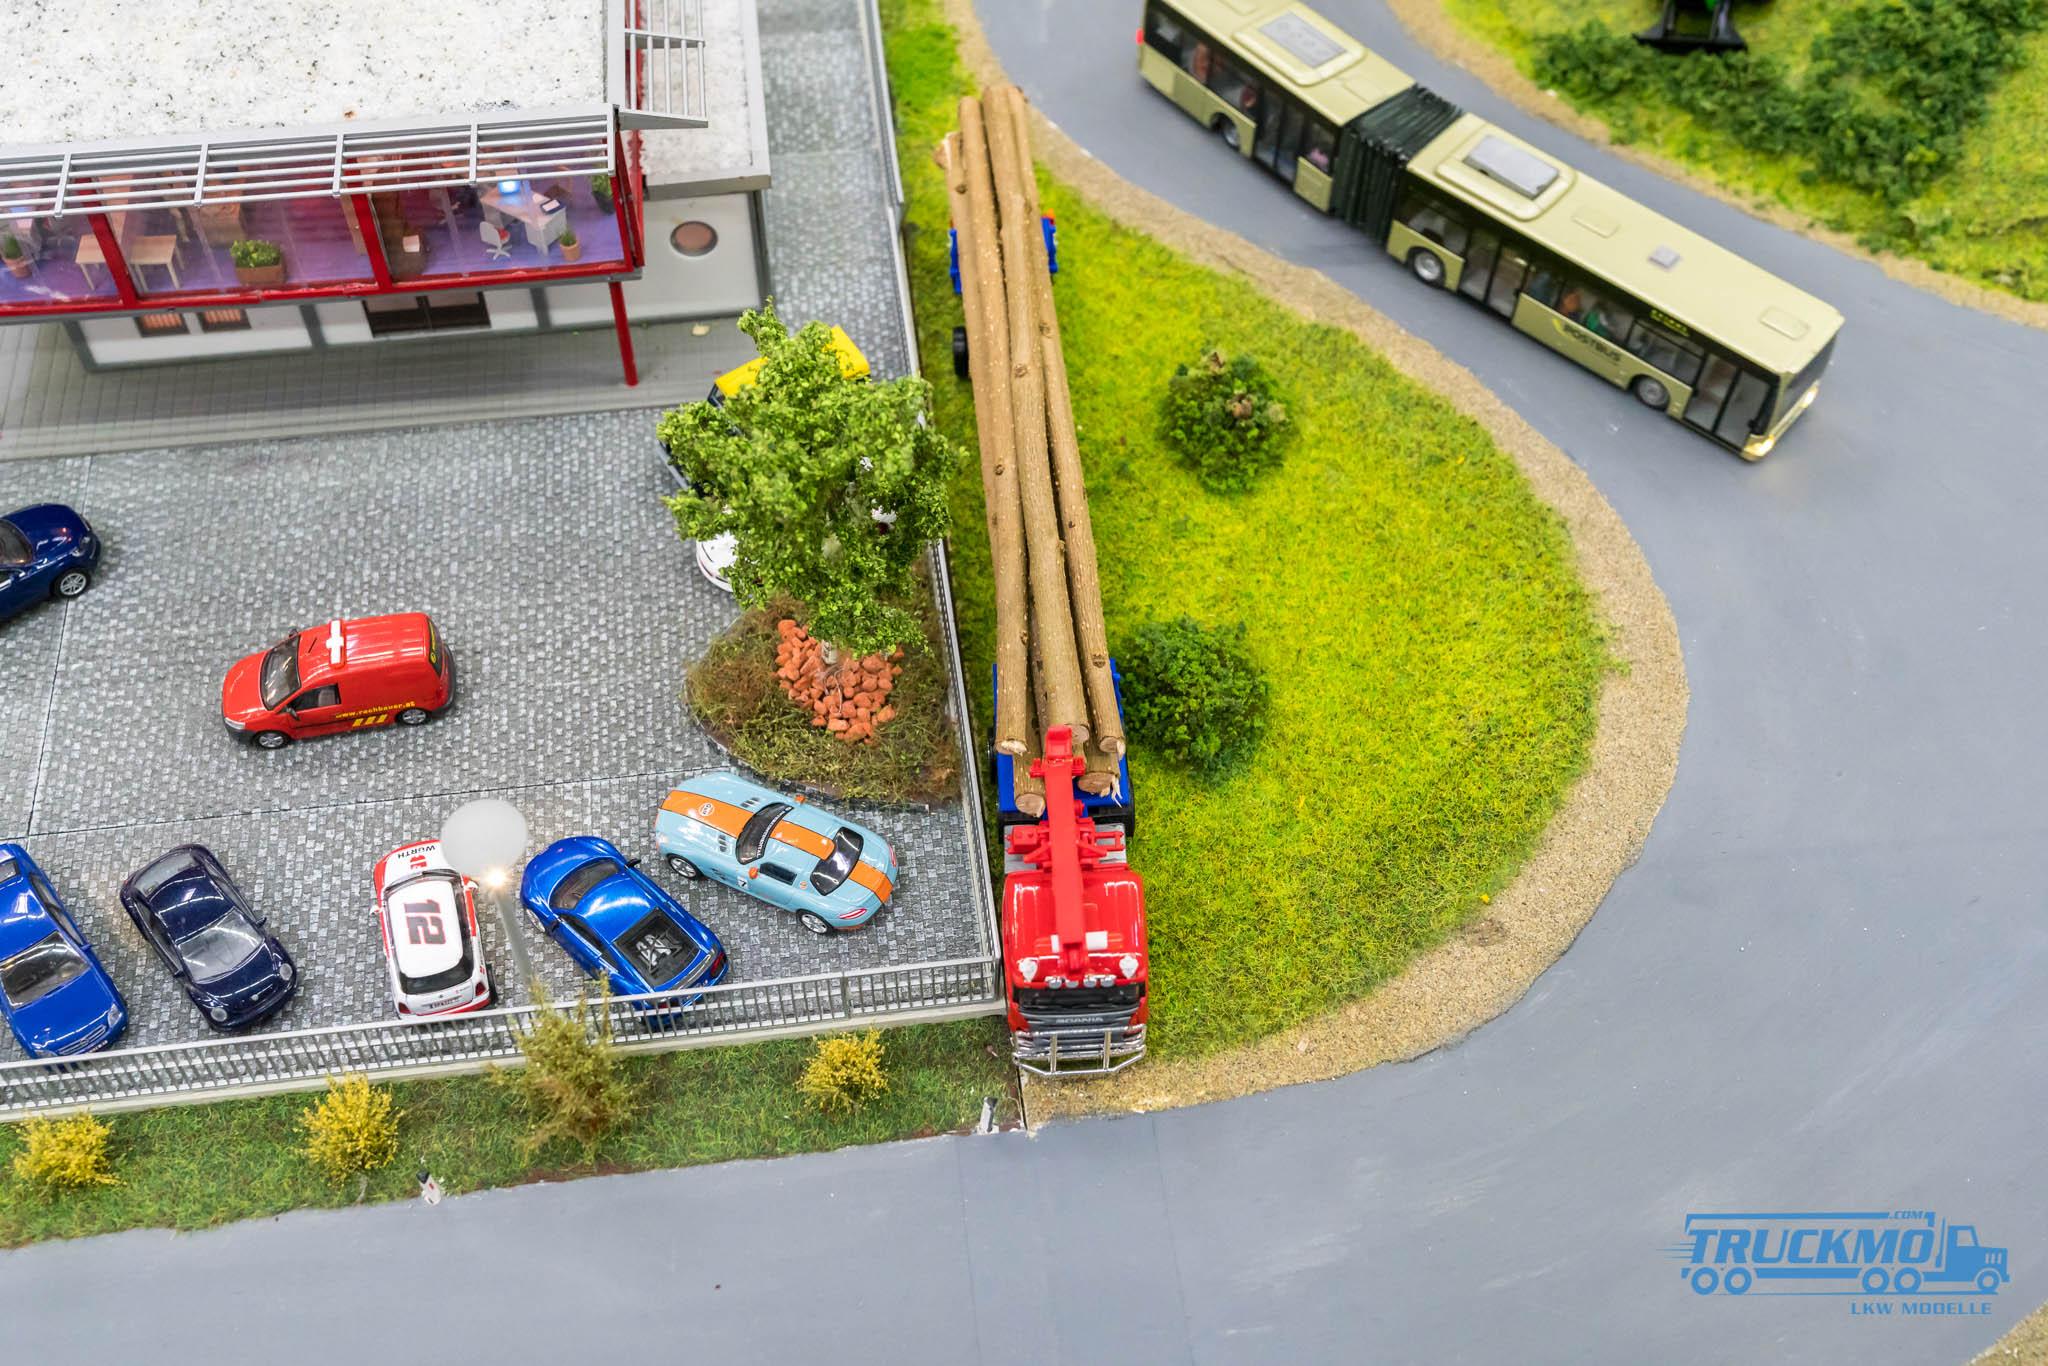 Truckmo_Modellbau_Ried_2017_Herpa_Messe_Modellbauausstellung (256 von 1177)